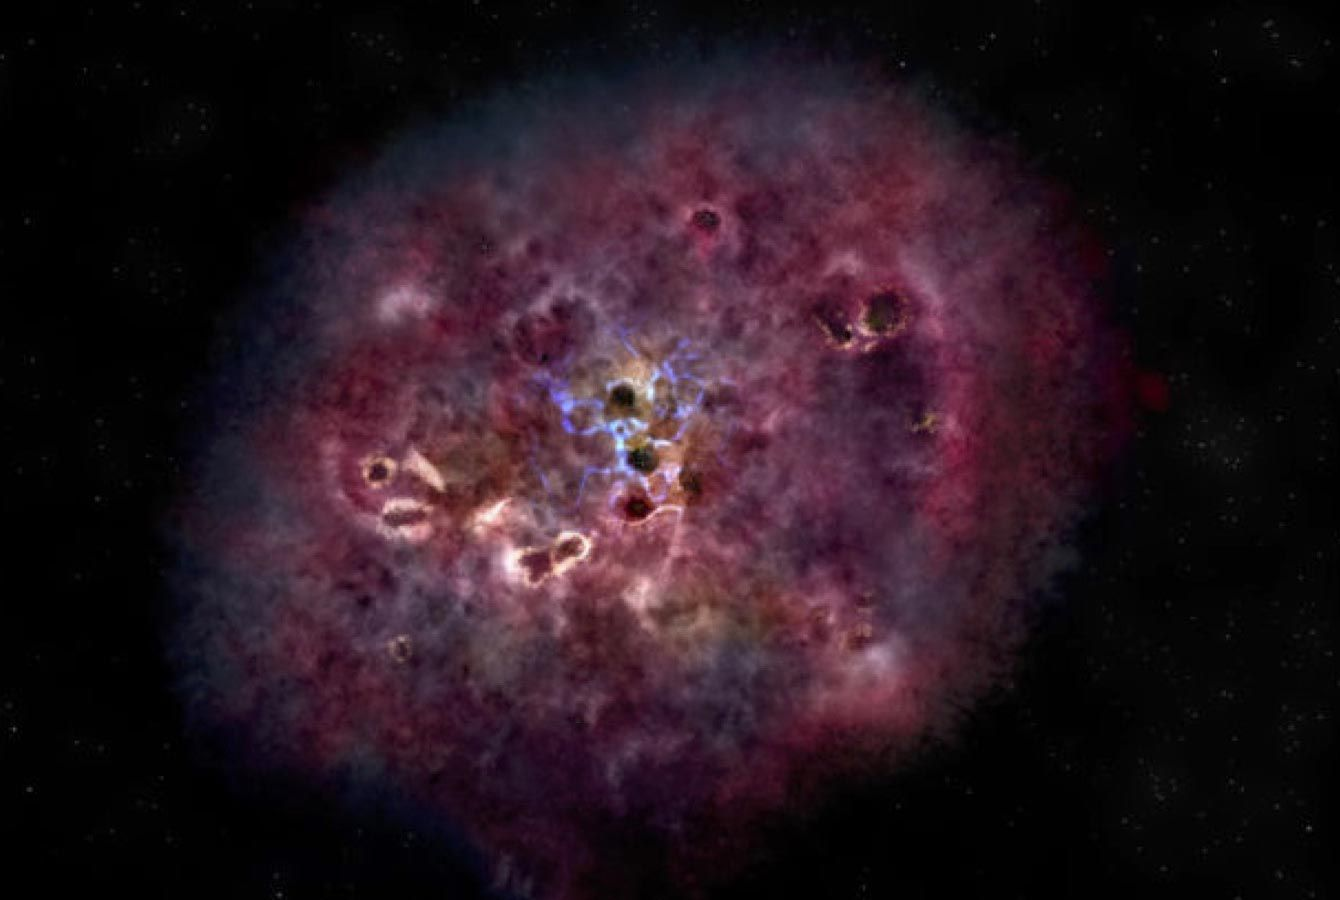 Questa galassia aveva una massa di oltre 300 miliardi di soli nell'Universo primordiale